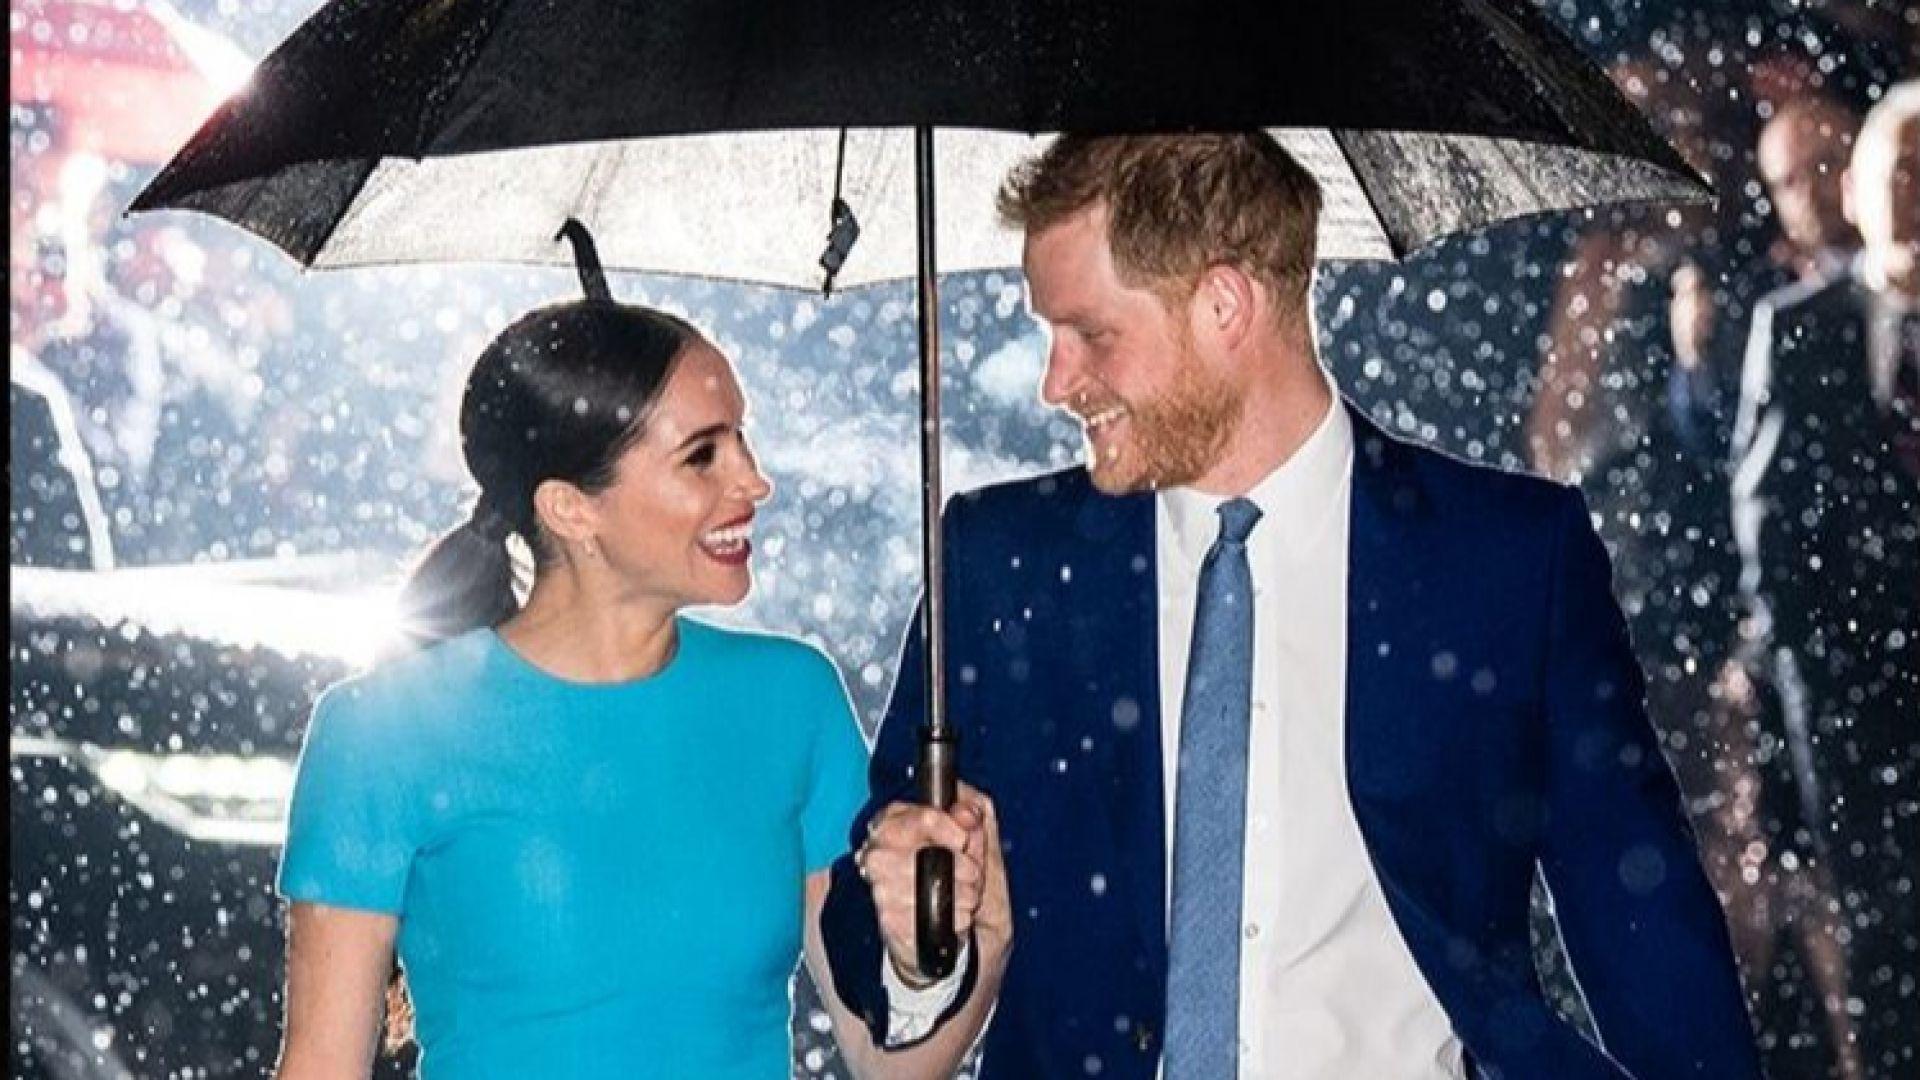 Щастливи и влюбени: Принц Хари и Меган с първи общ ангажимент в Кралството след Мегзит